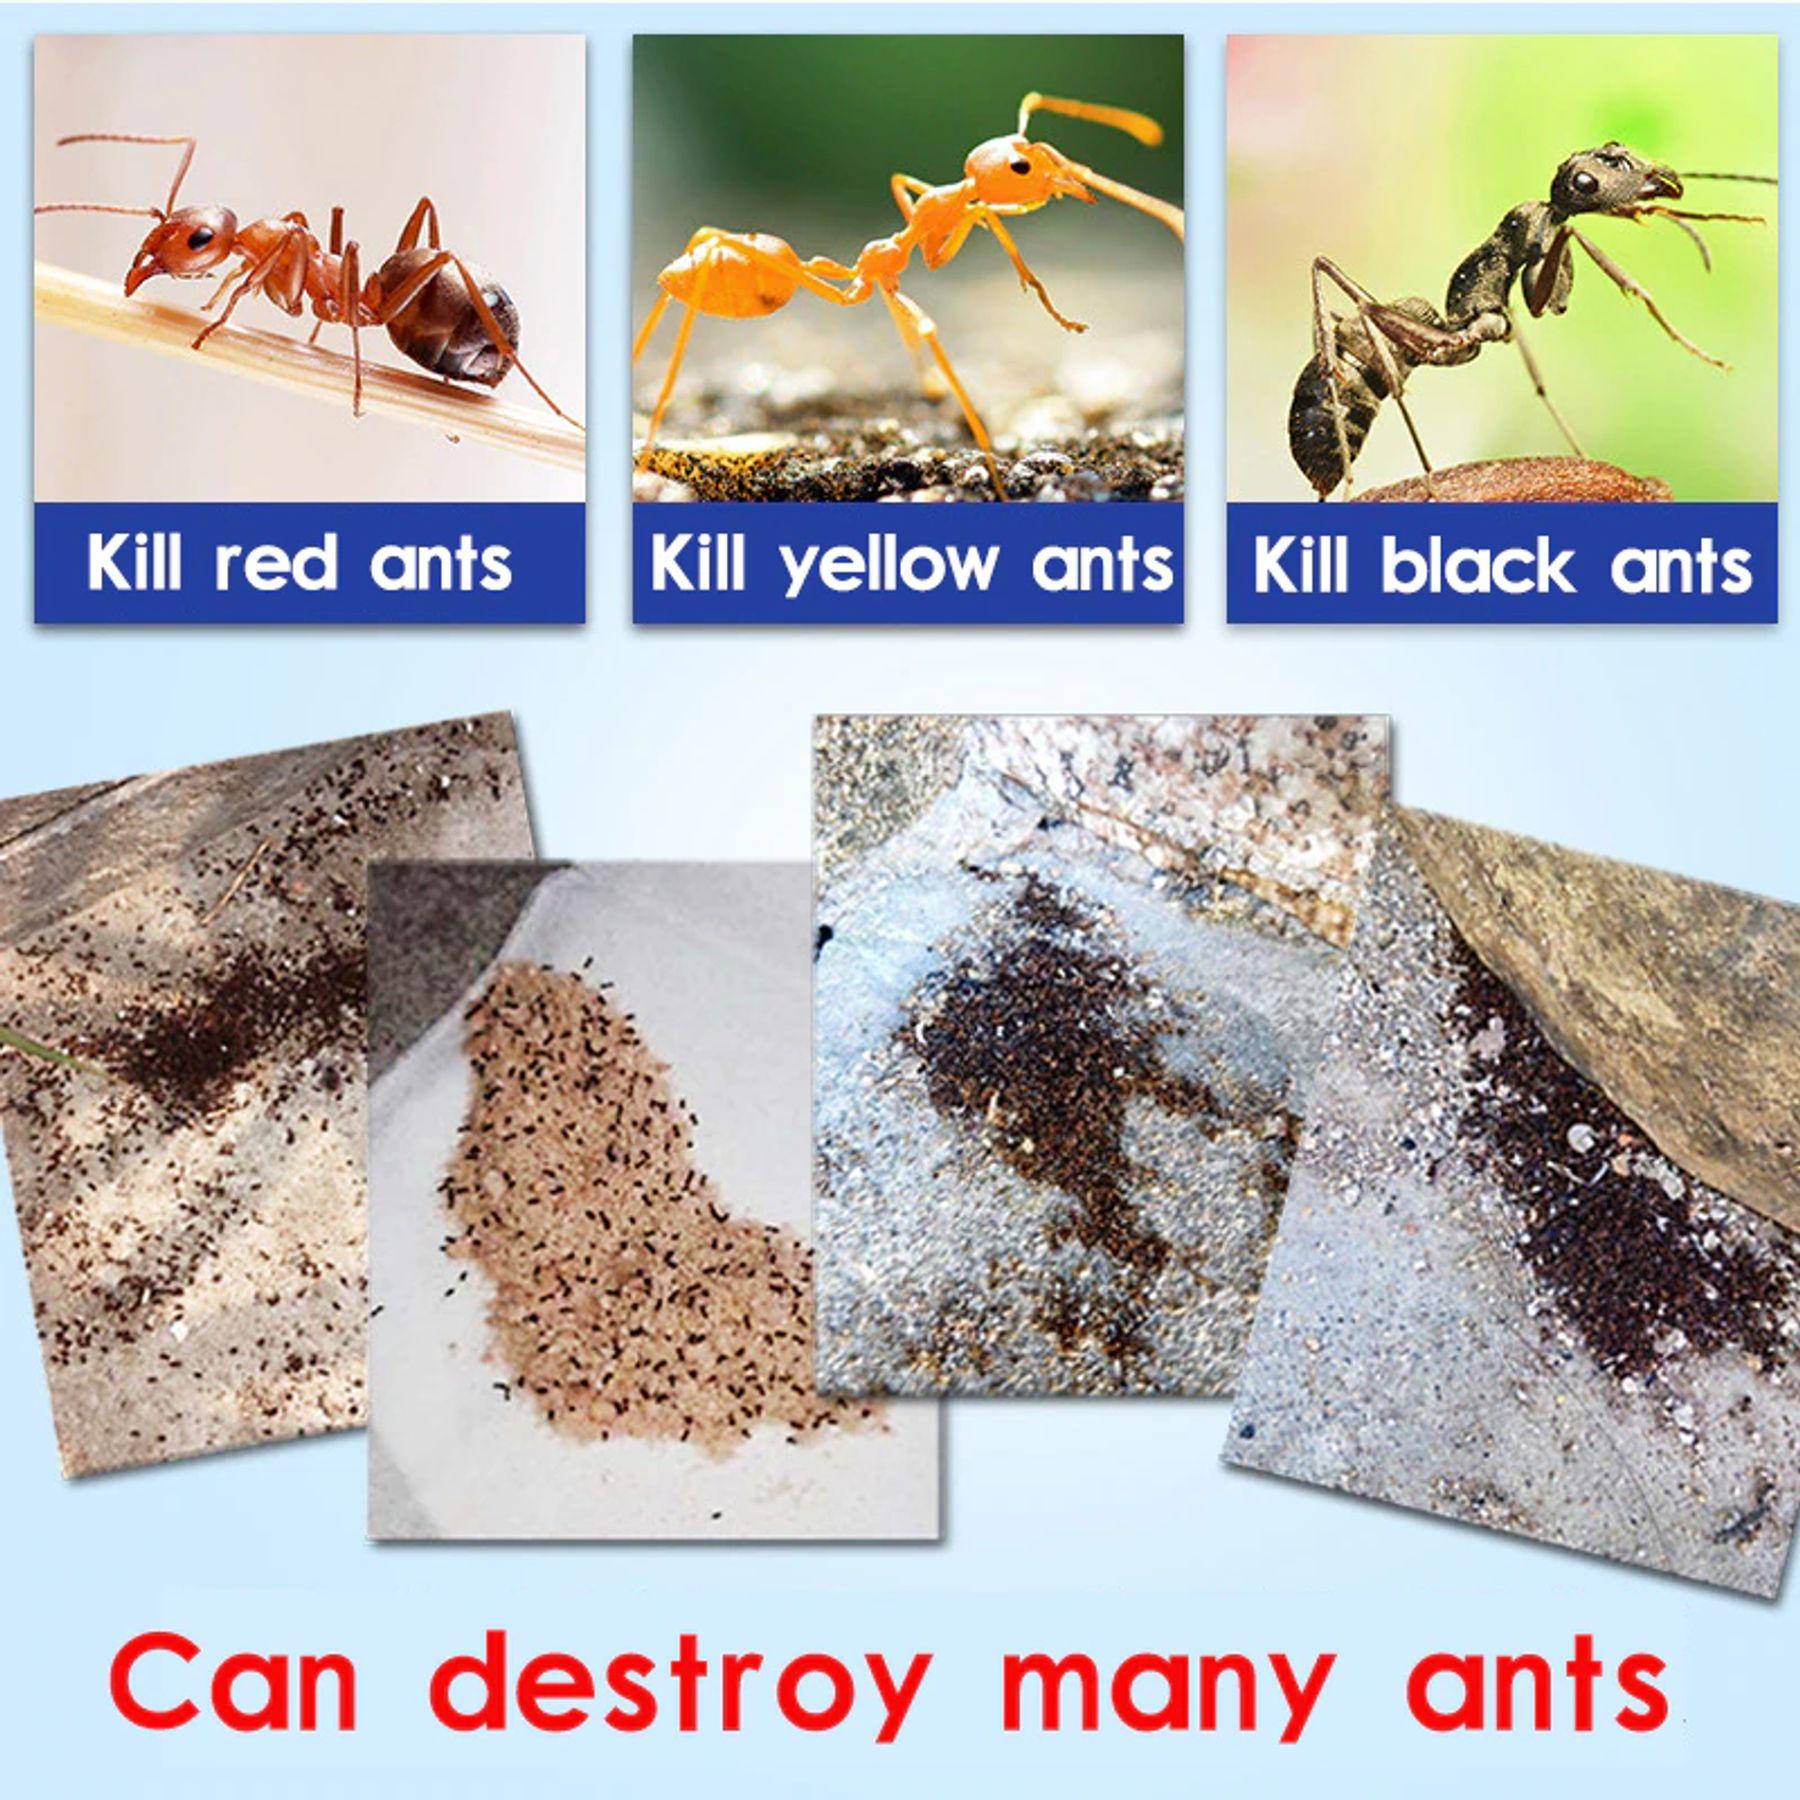 thuốc diệt côn trùng nào tốt nhất hiện nay